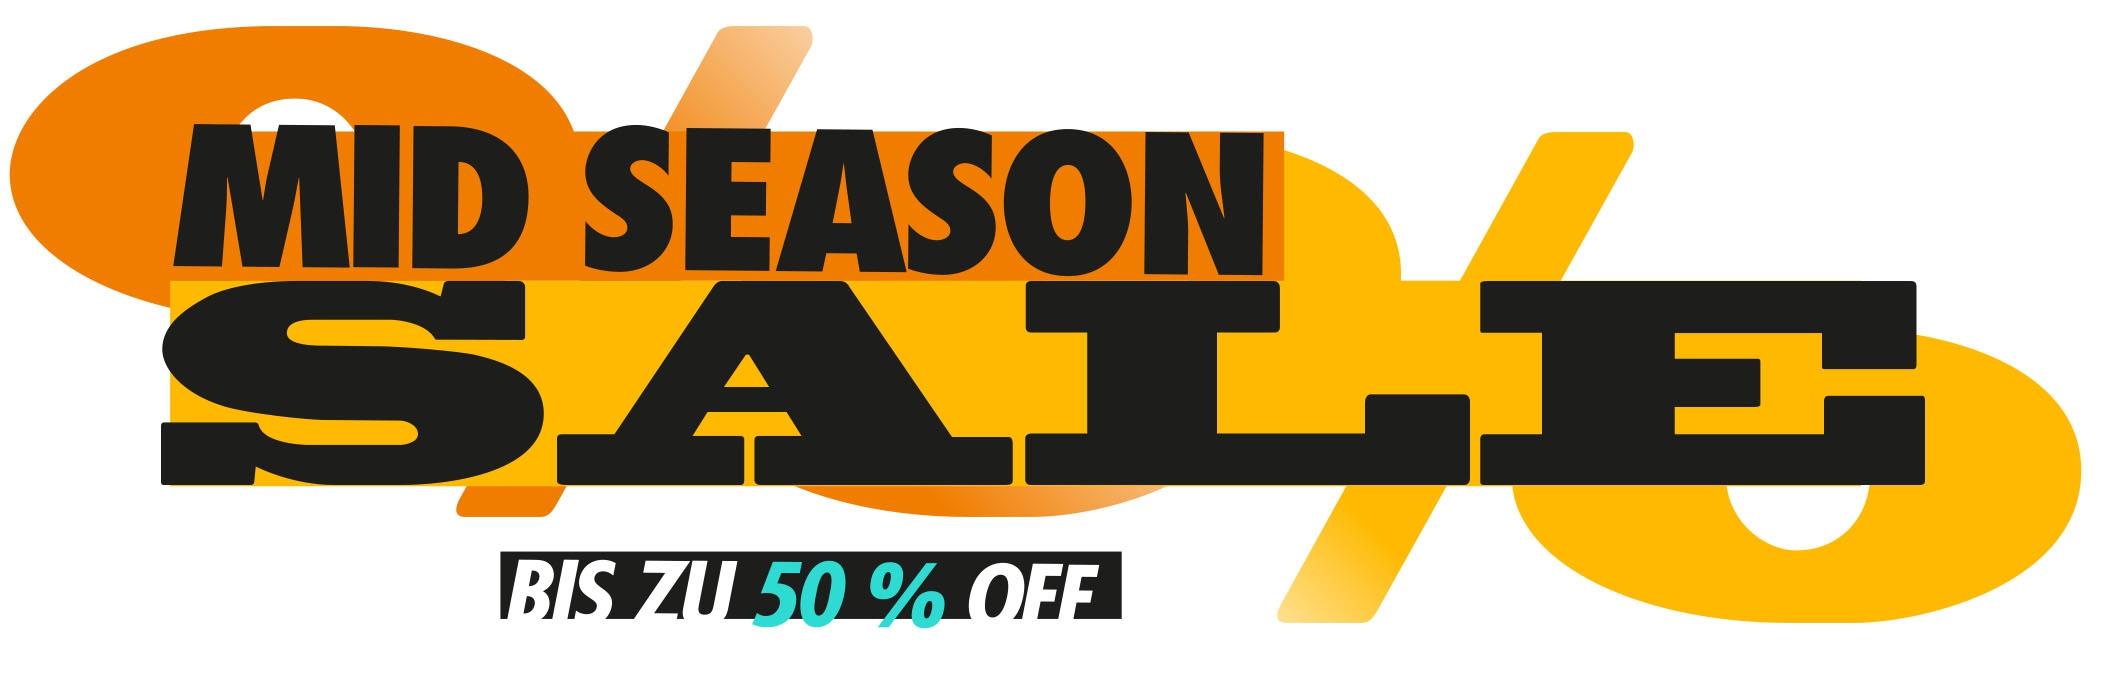 MID SEASON SALE | Vegane Schuhe im Sale | Bis zu 50 % Rabatt auf Schuhe und Accessoires!